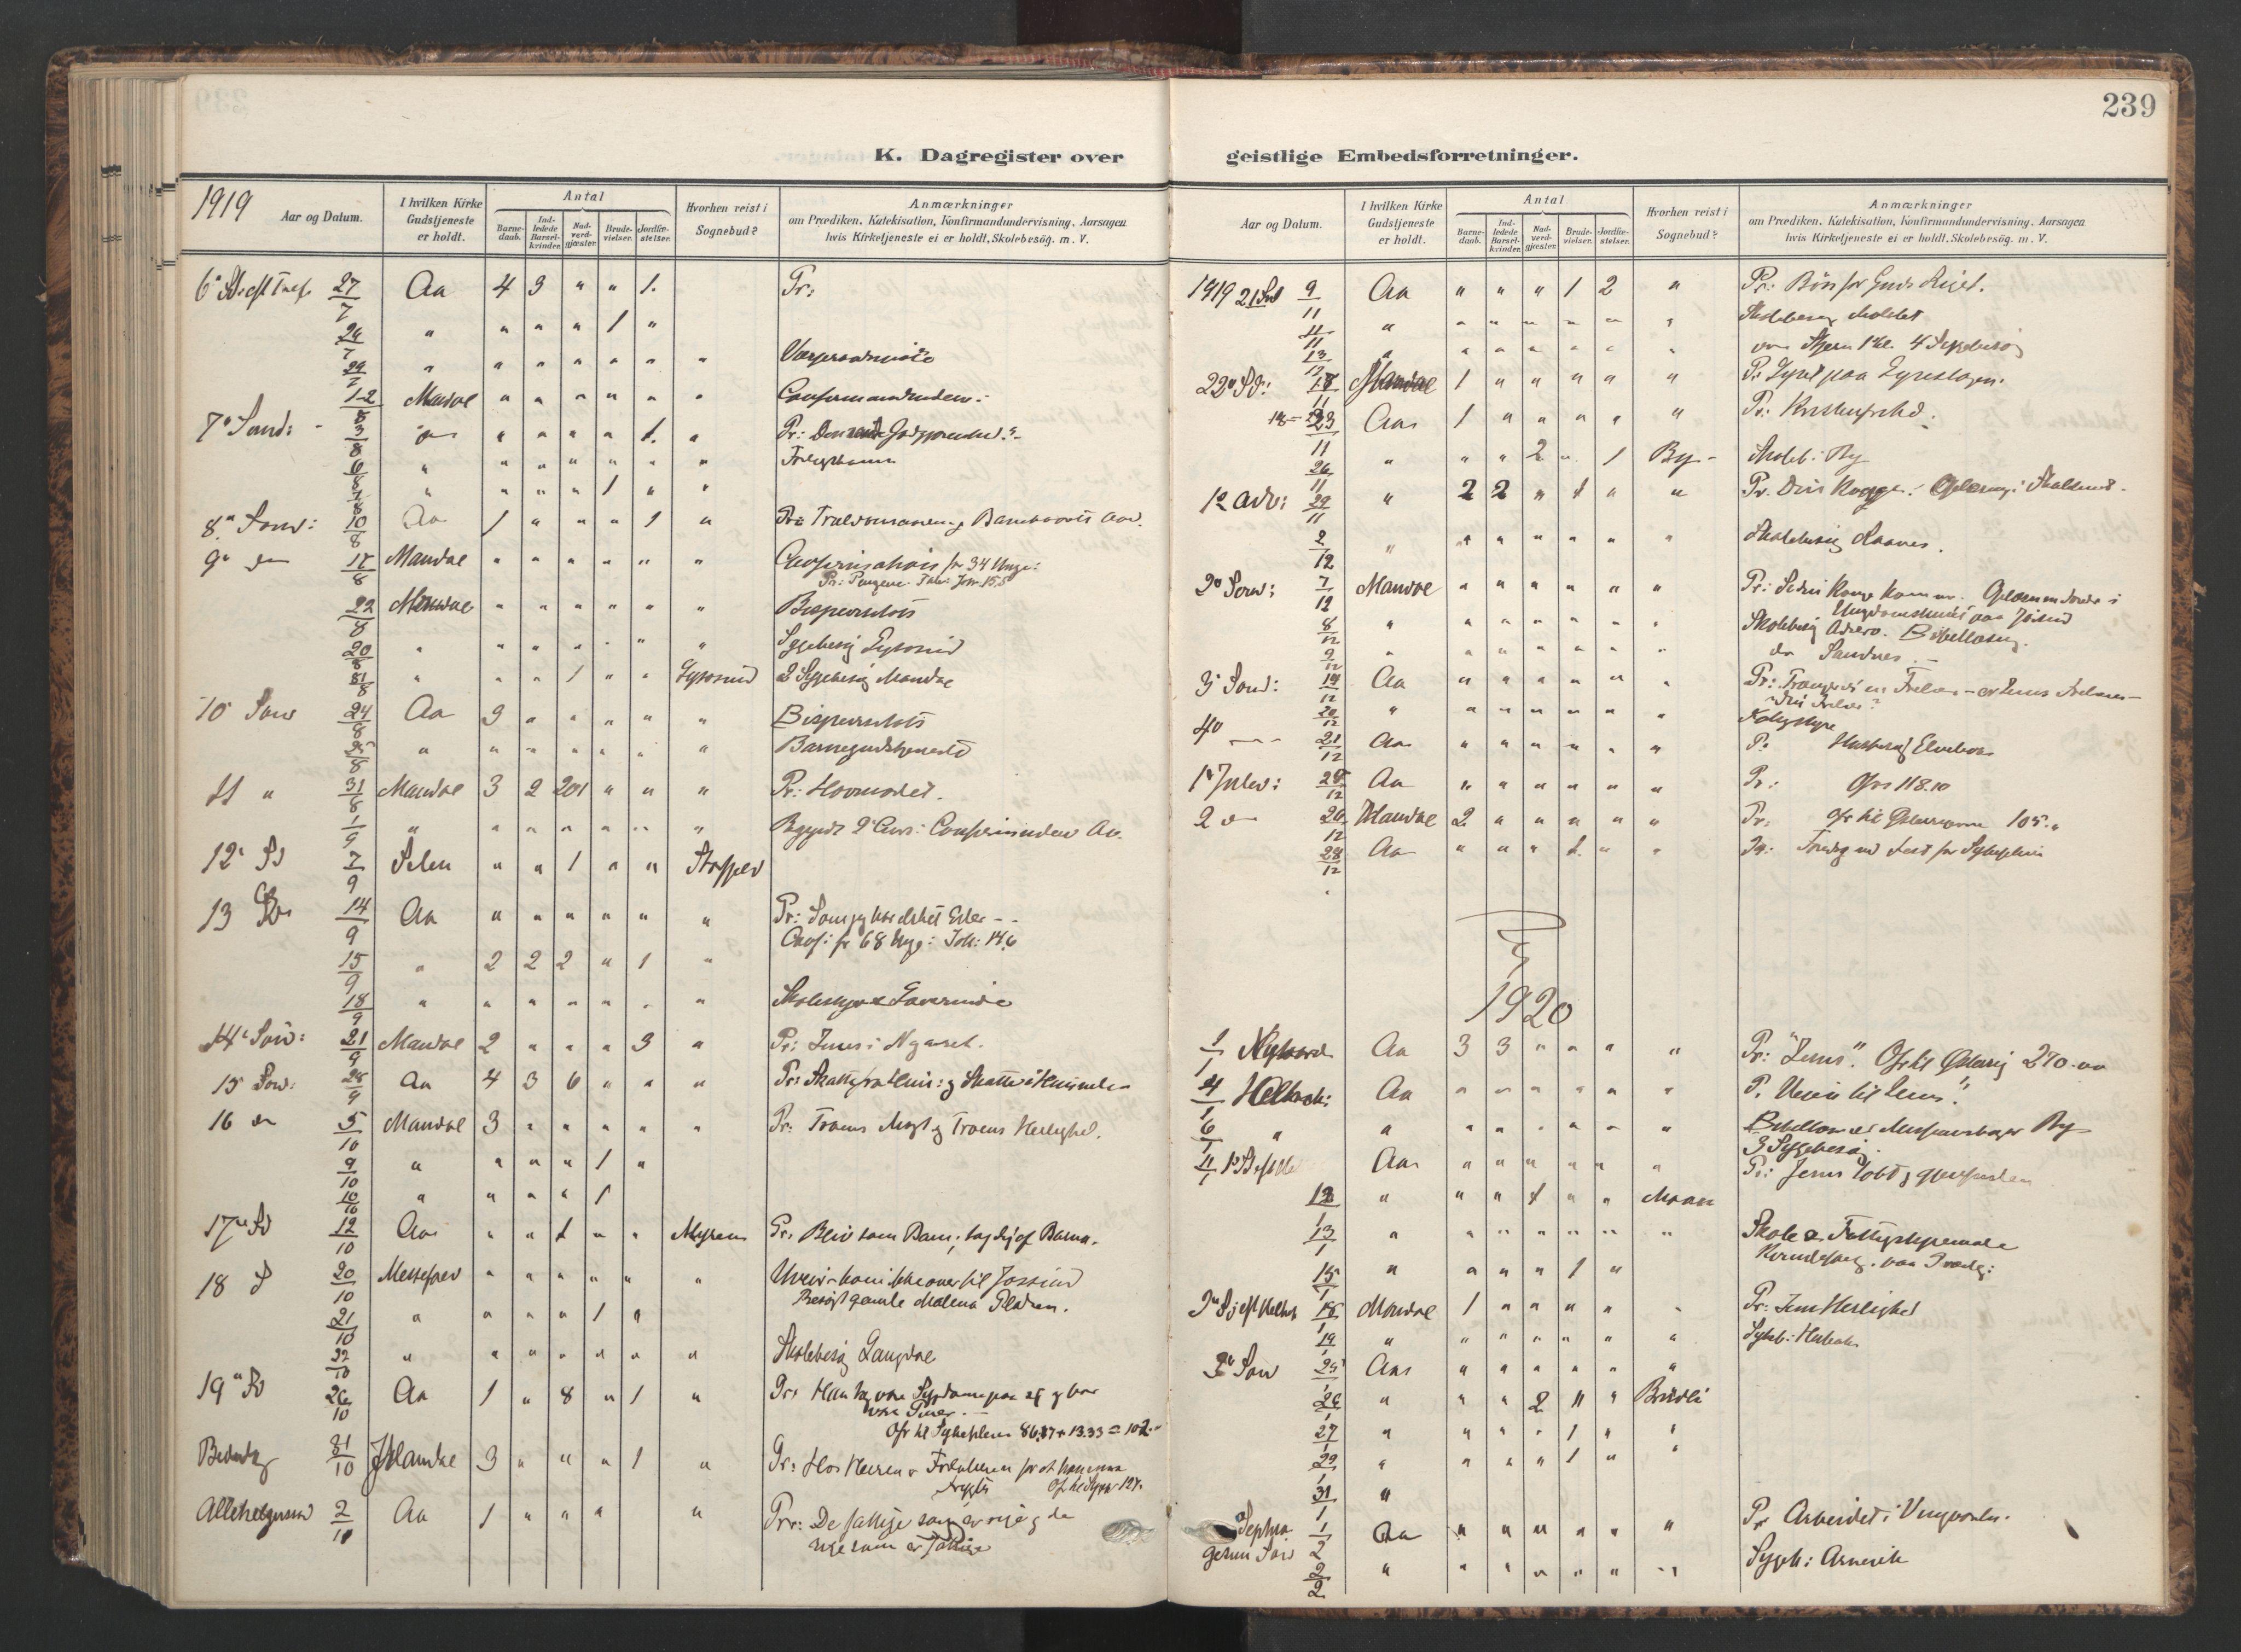 SAT, Ministerialprotokoller, klokkerbøker og fødselsregistre - Sør-Trøndelag, 655/L0682: Ministerialbok nr. 655A11, 1908-1922, s. 239